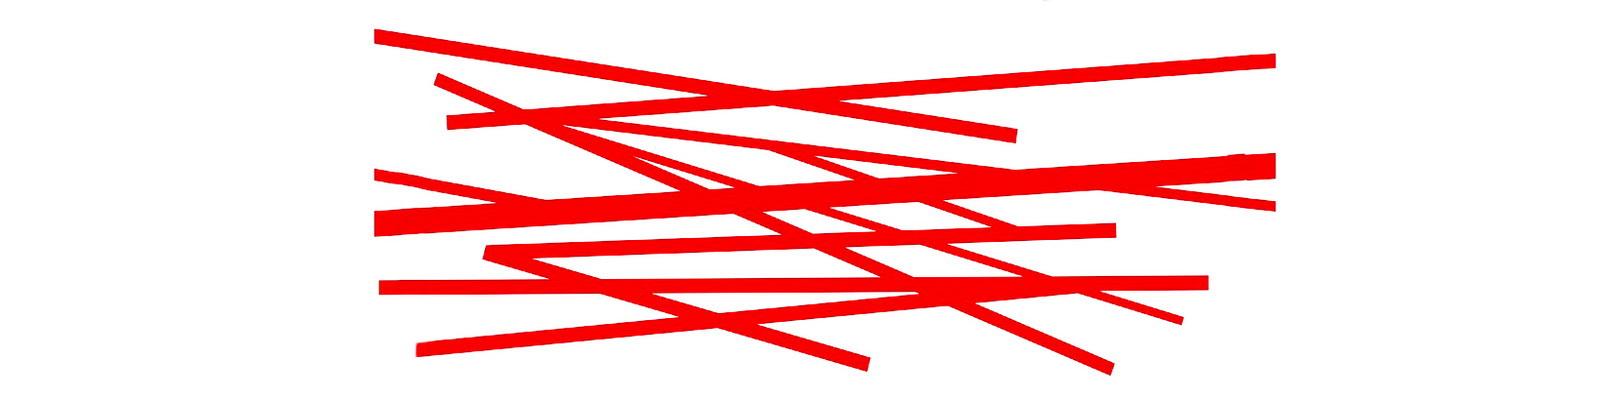 Biennale di arte industriale